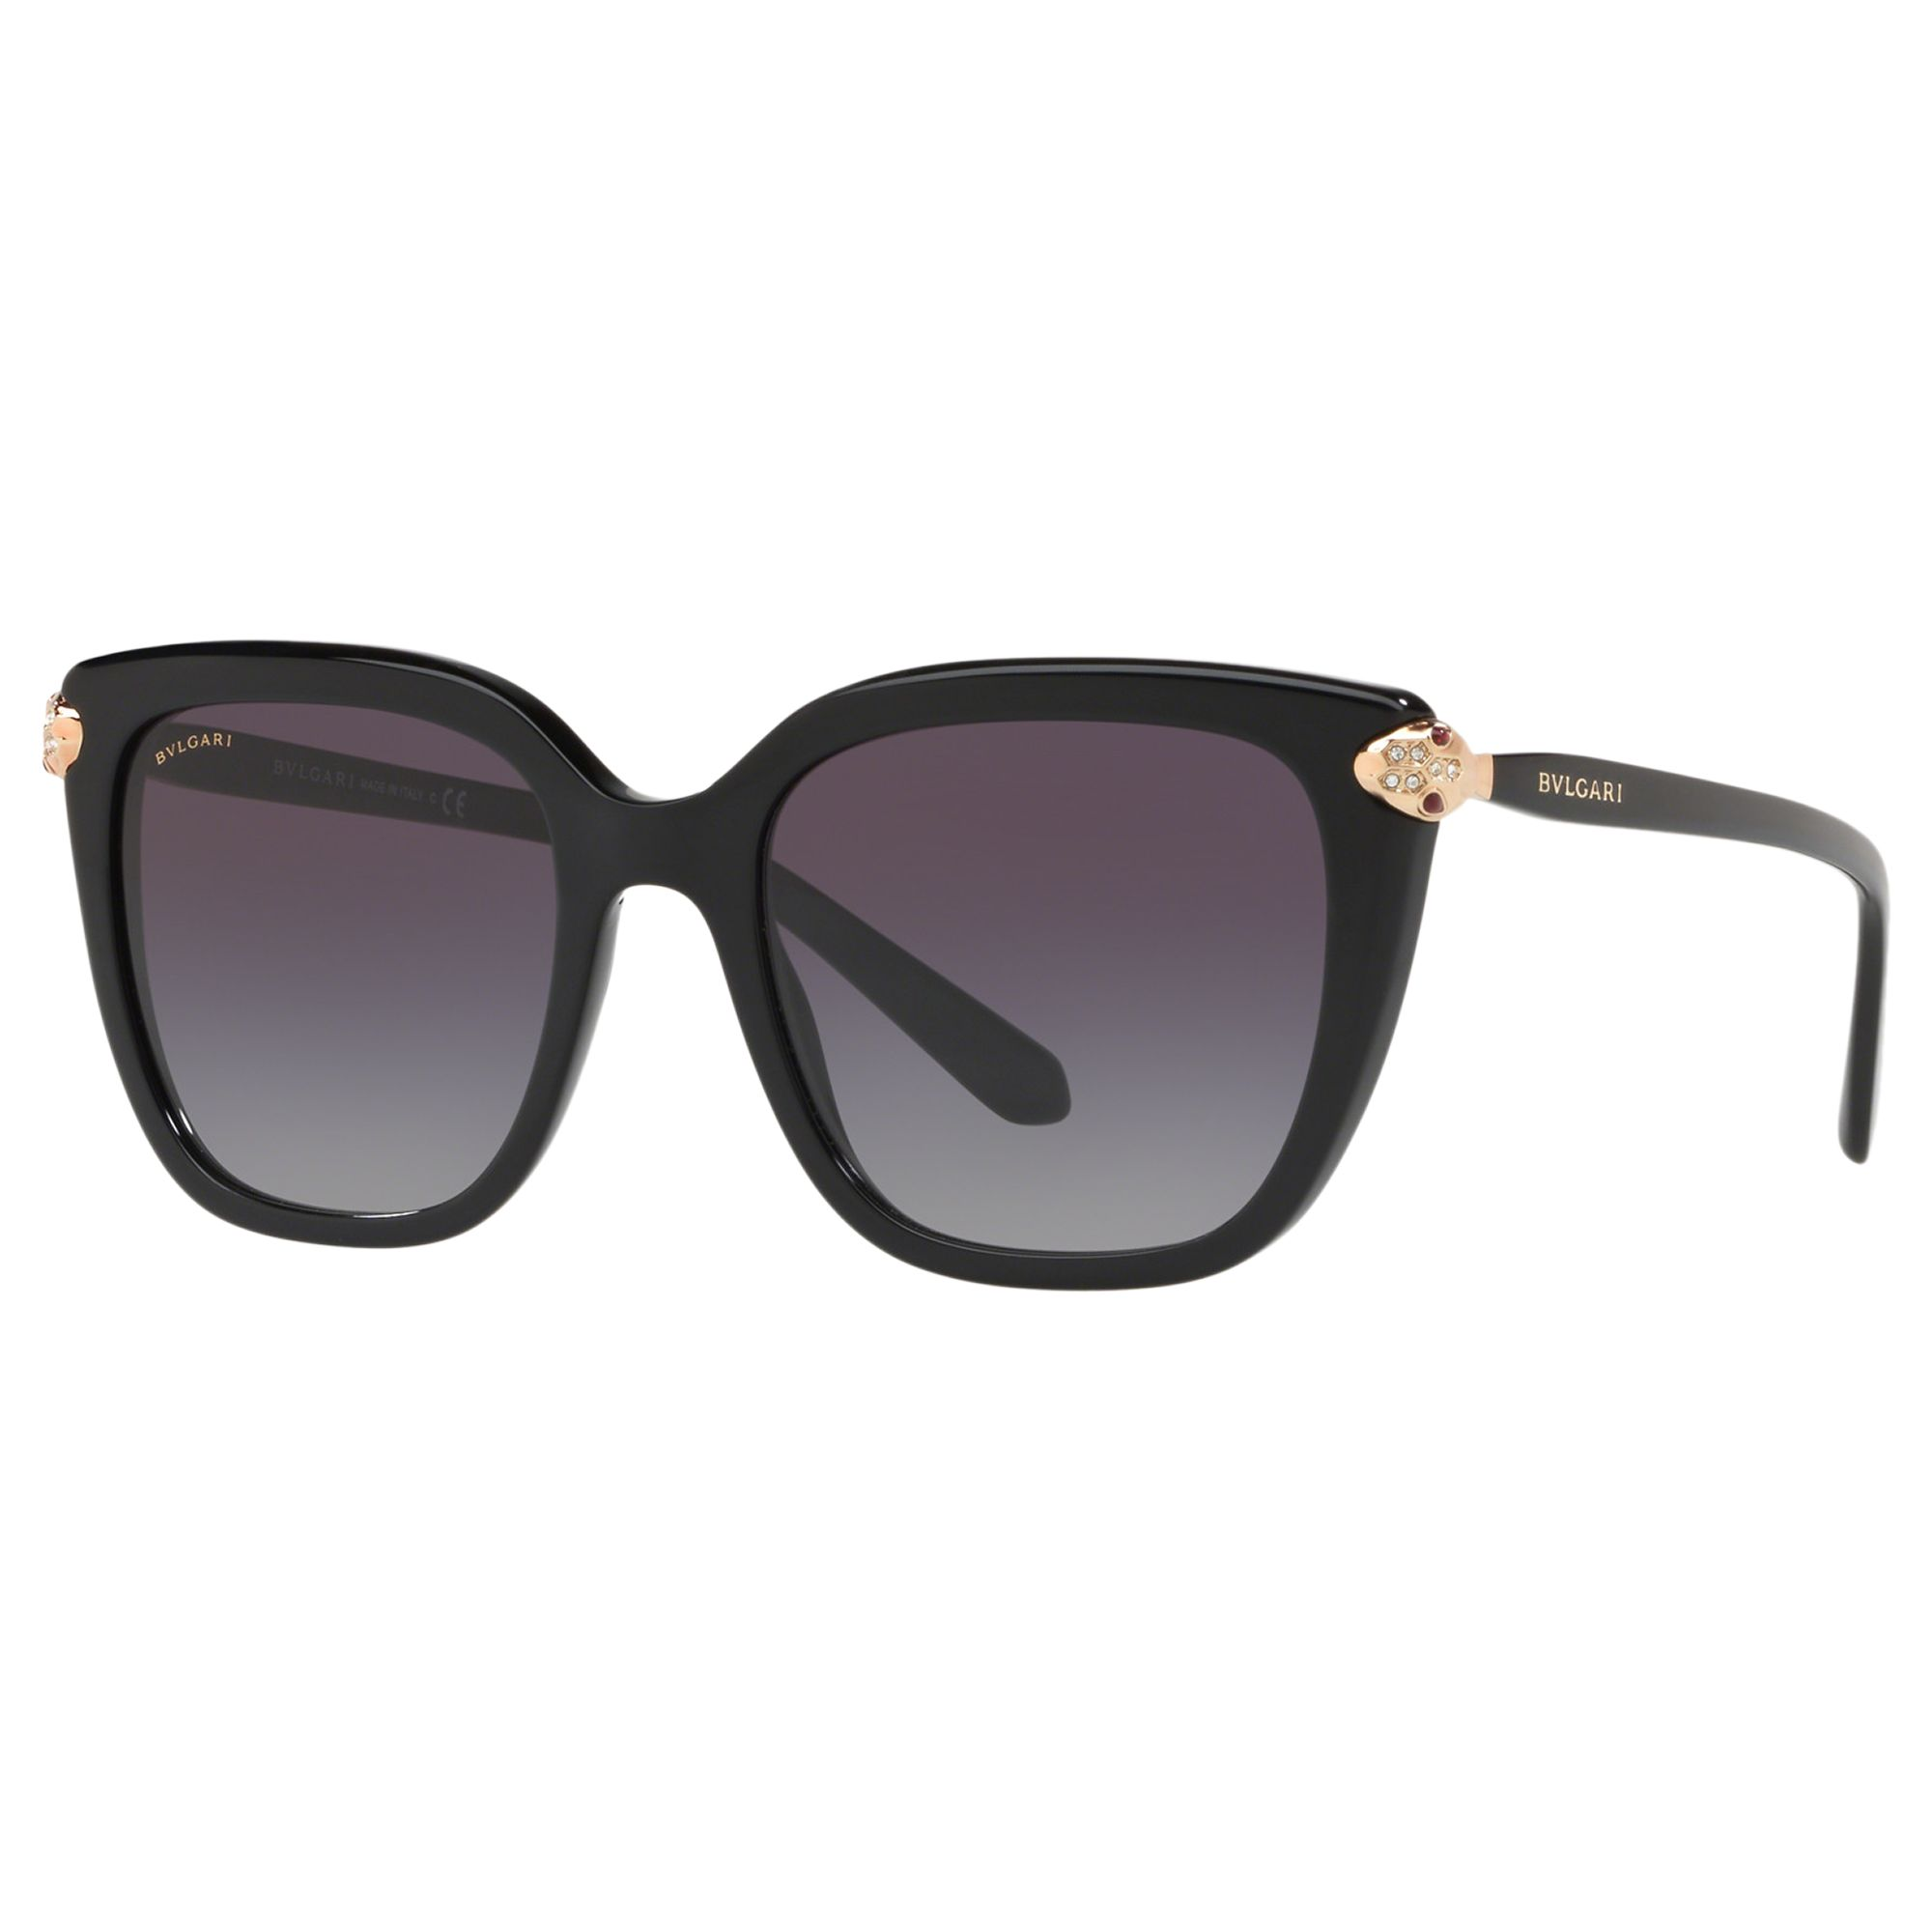 Bvlgari BVLGARI BV8207B Women's Embellished Square Sunglasses